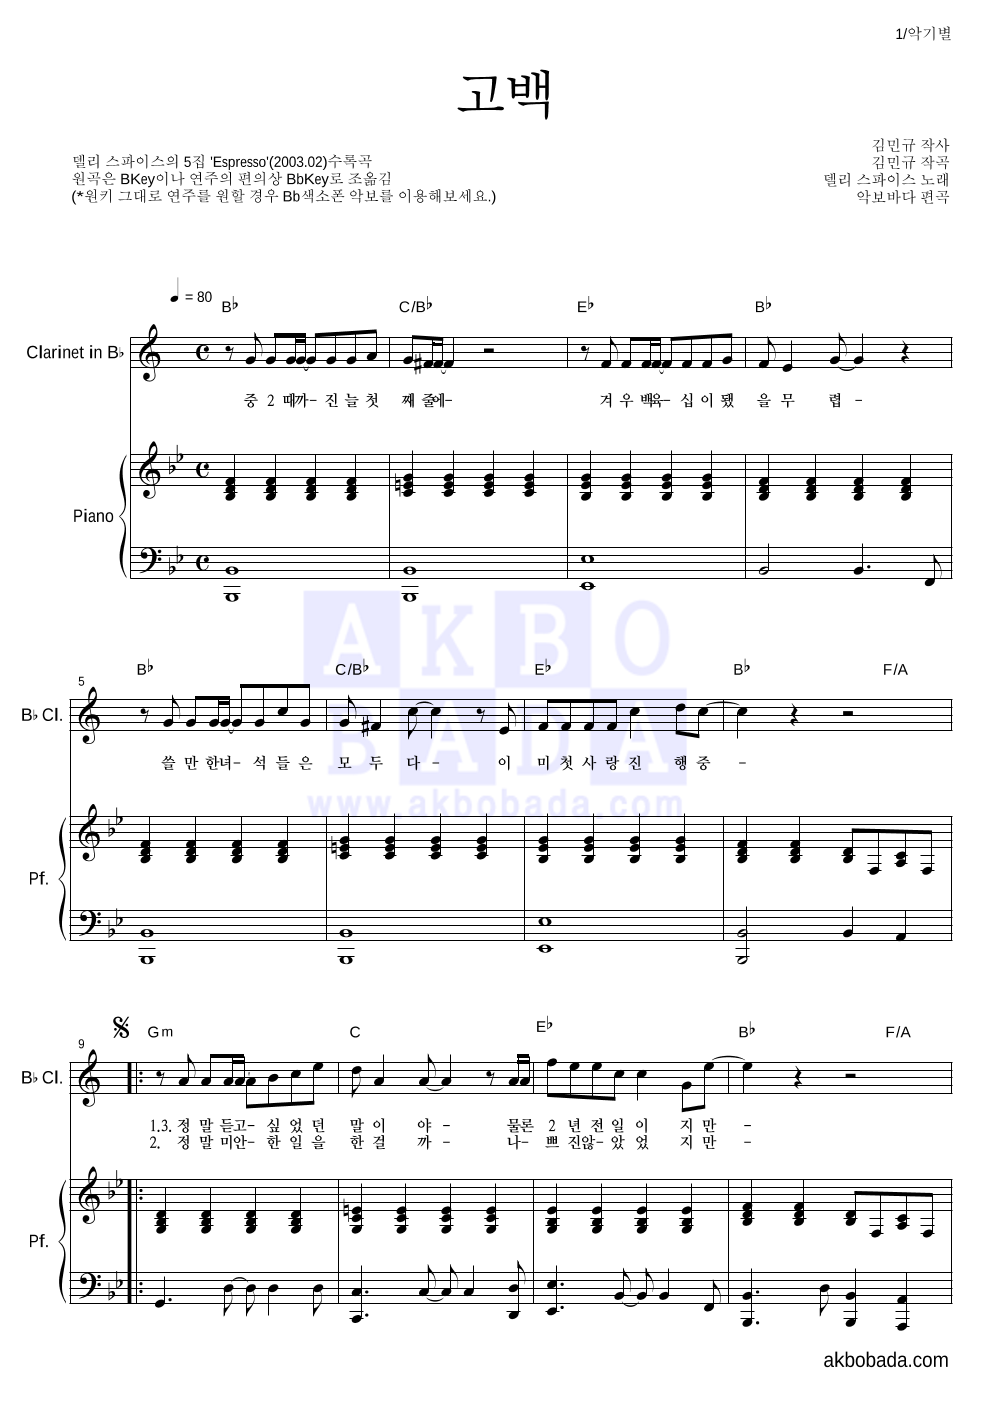 델리 스파이스 - 고백 클라리넷&피아노 악보